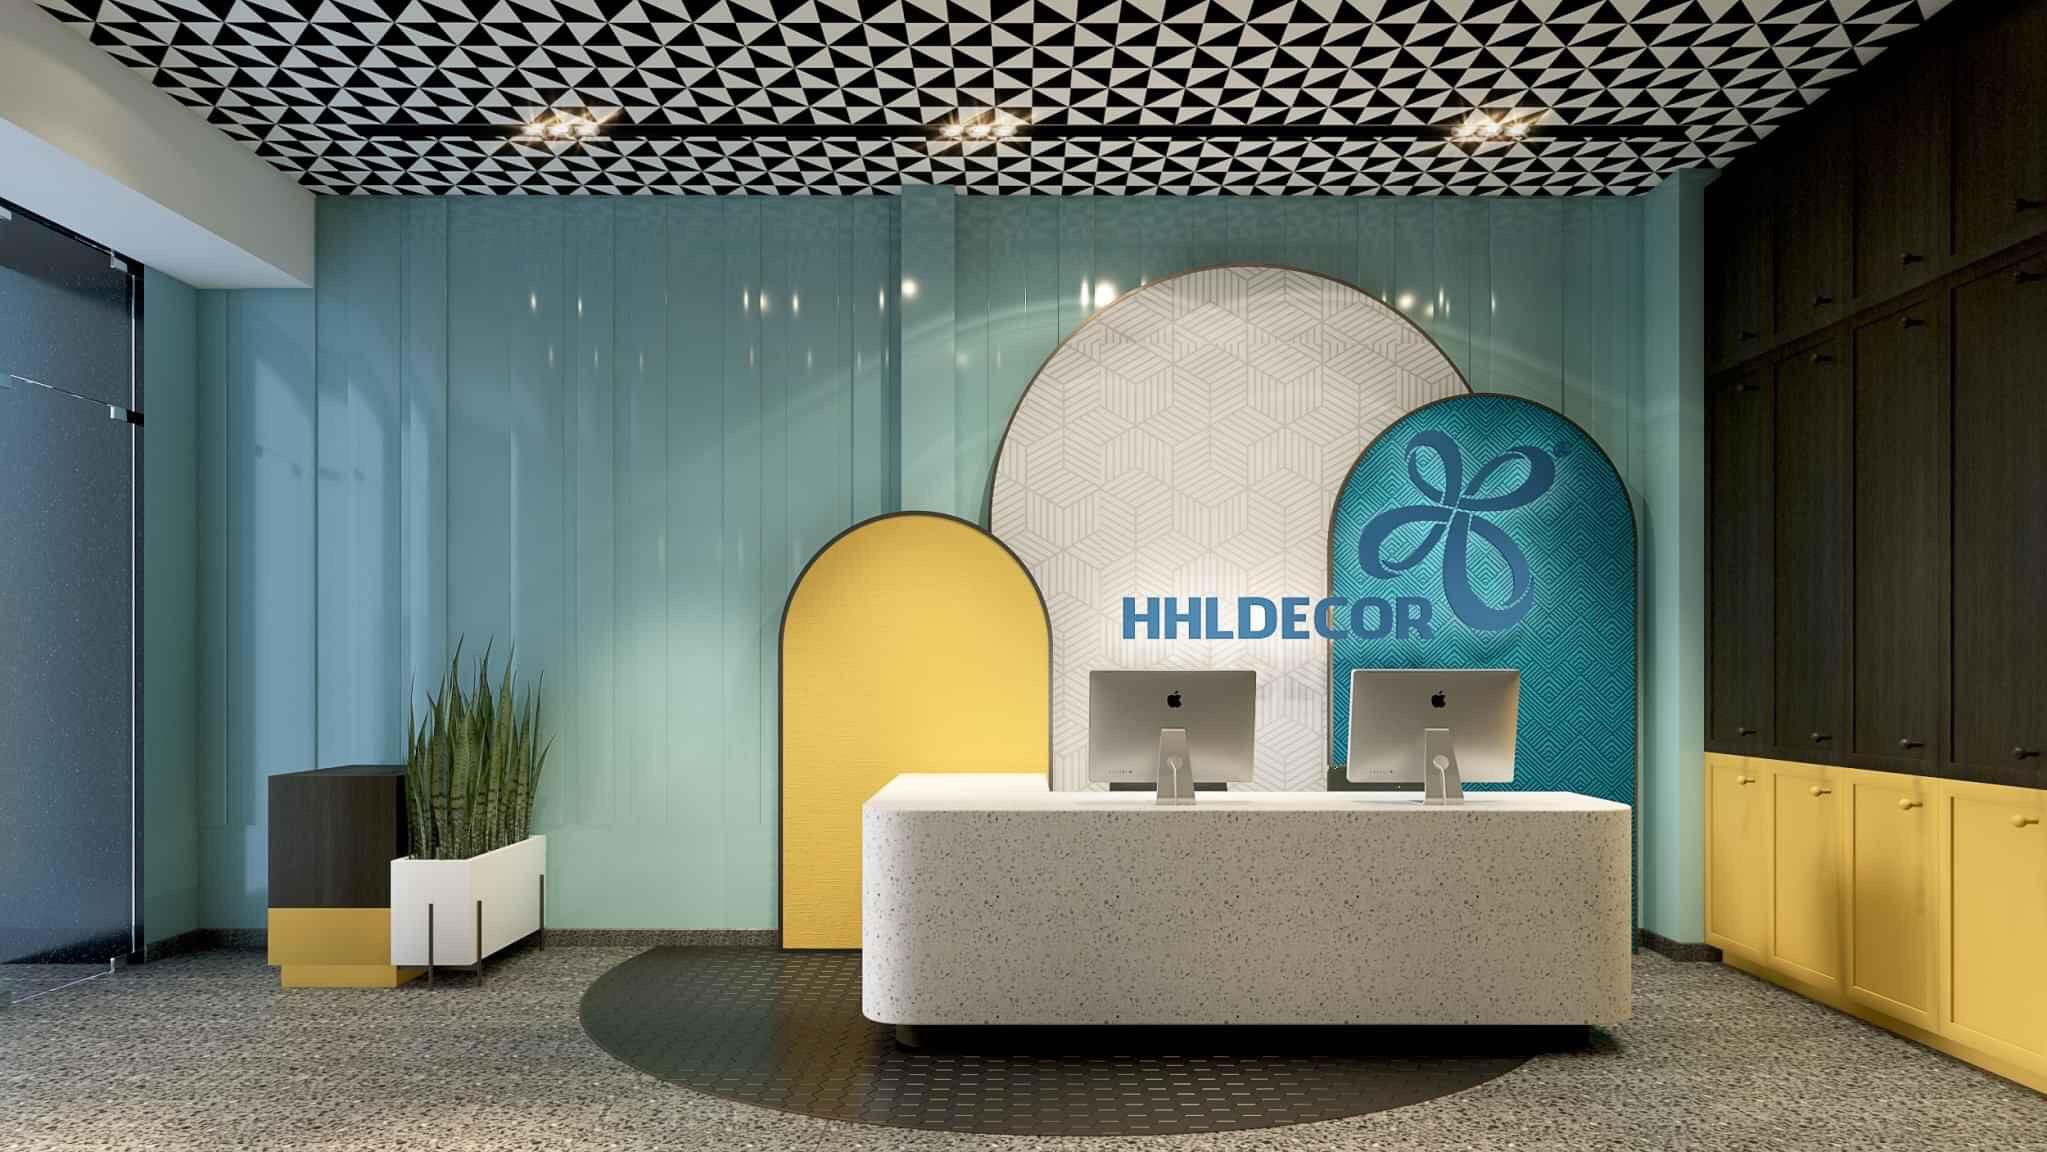 Tổng quan về hoạt động HHLDECOR nửa đầu năm 2020